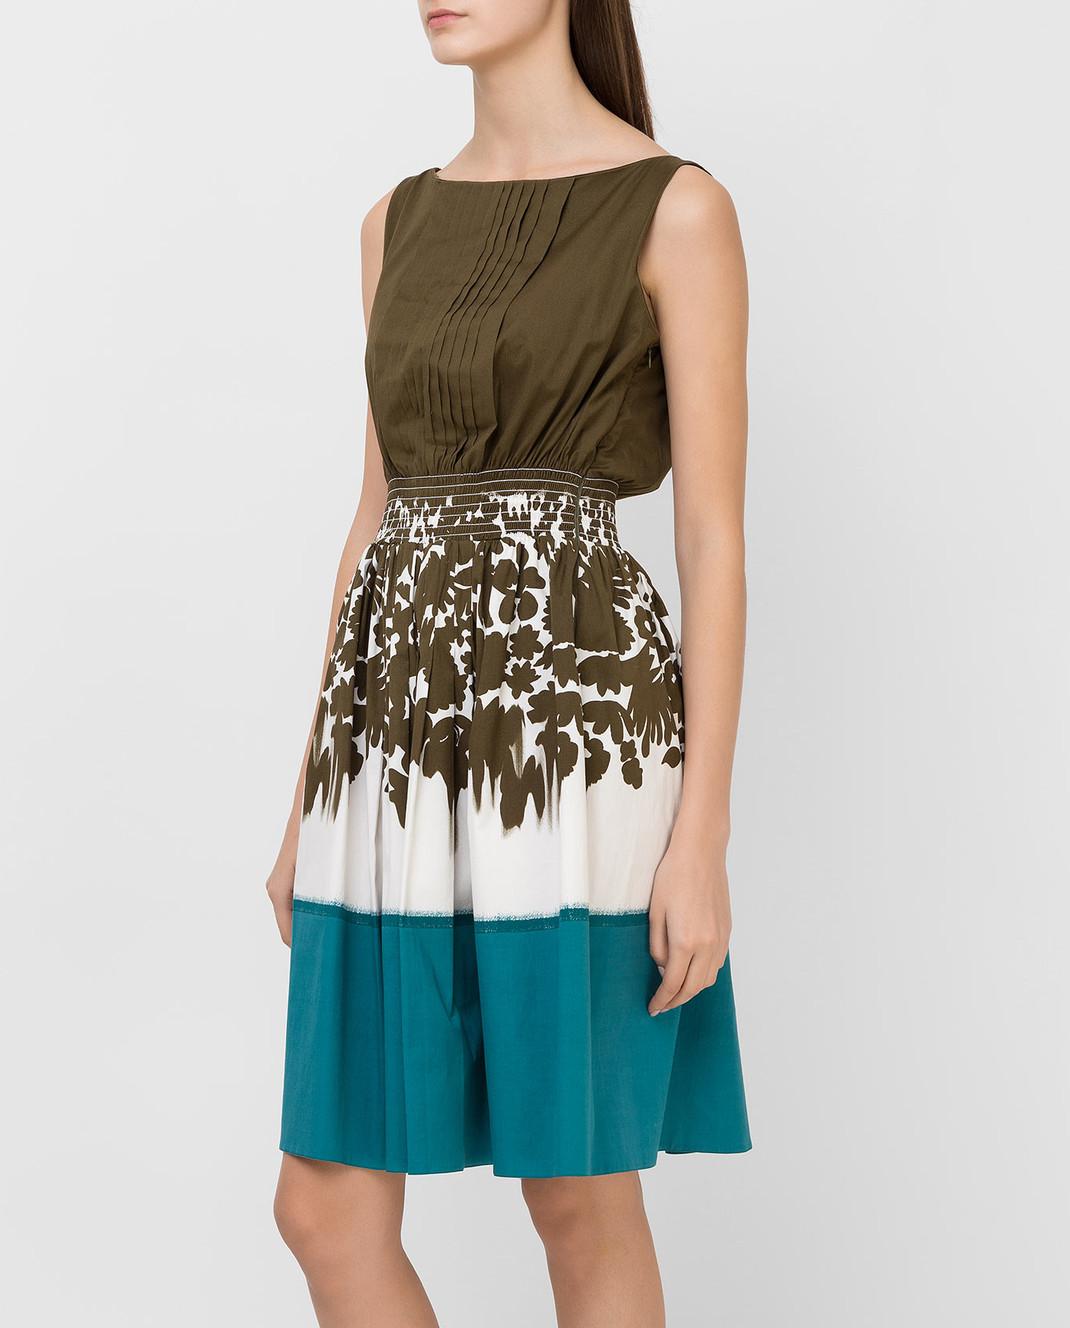 Prada Зеленое платье P32U7R изображение 3